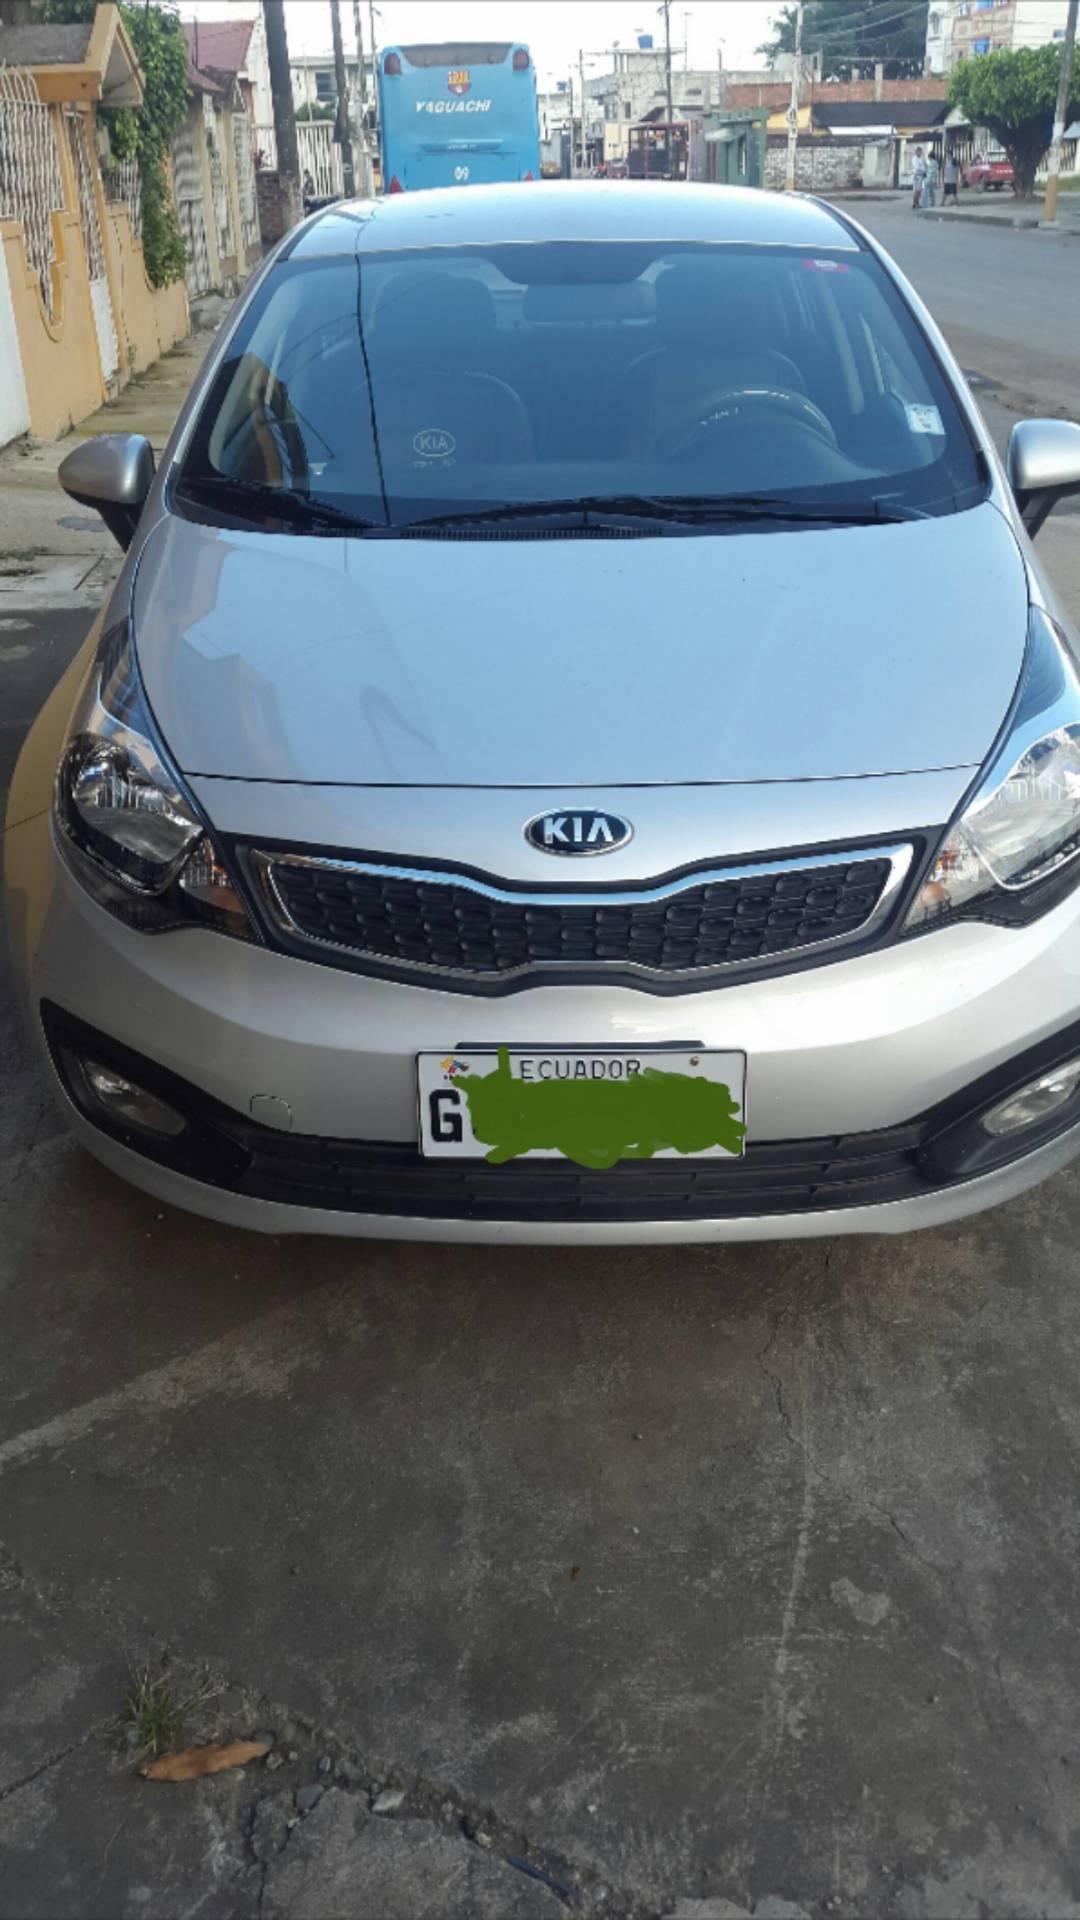 Kia Rio 2015 en venta